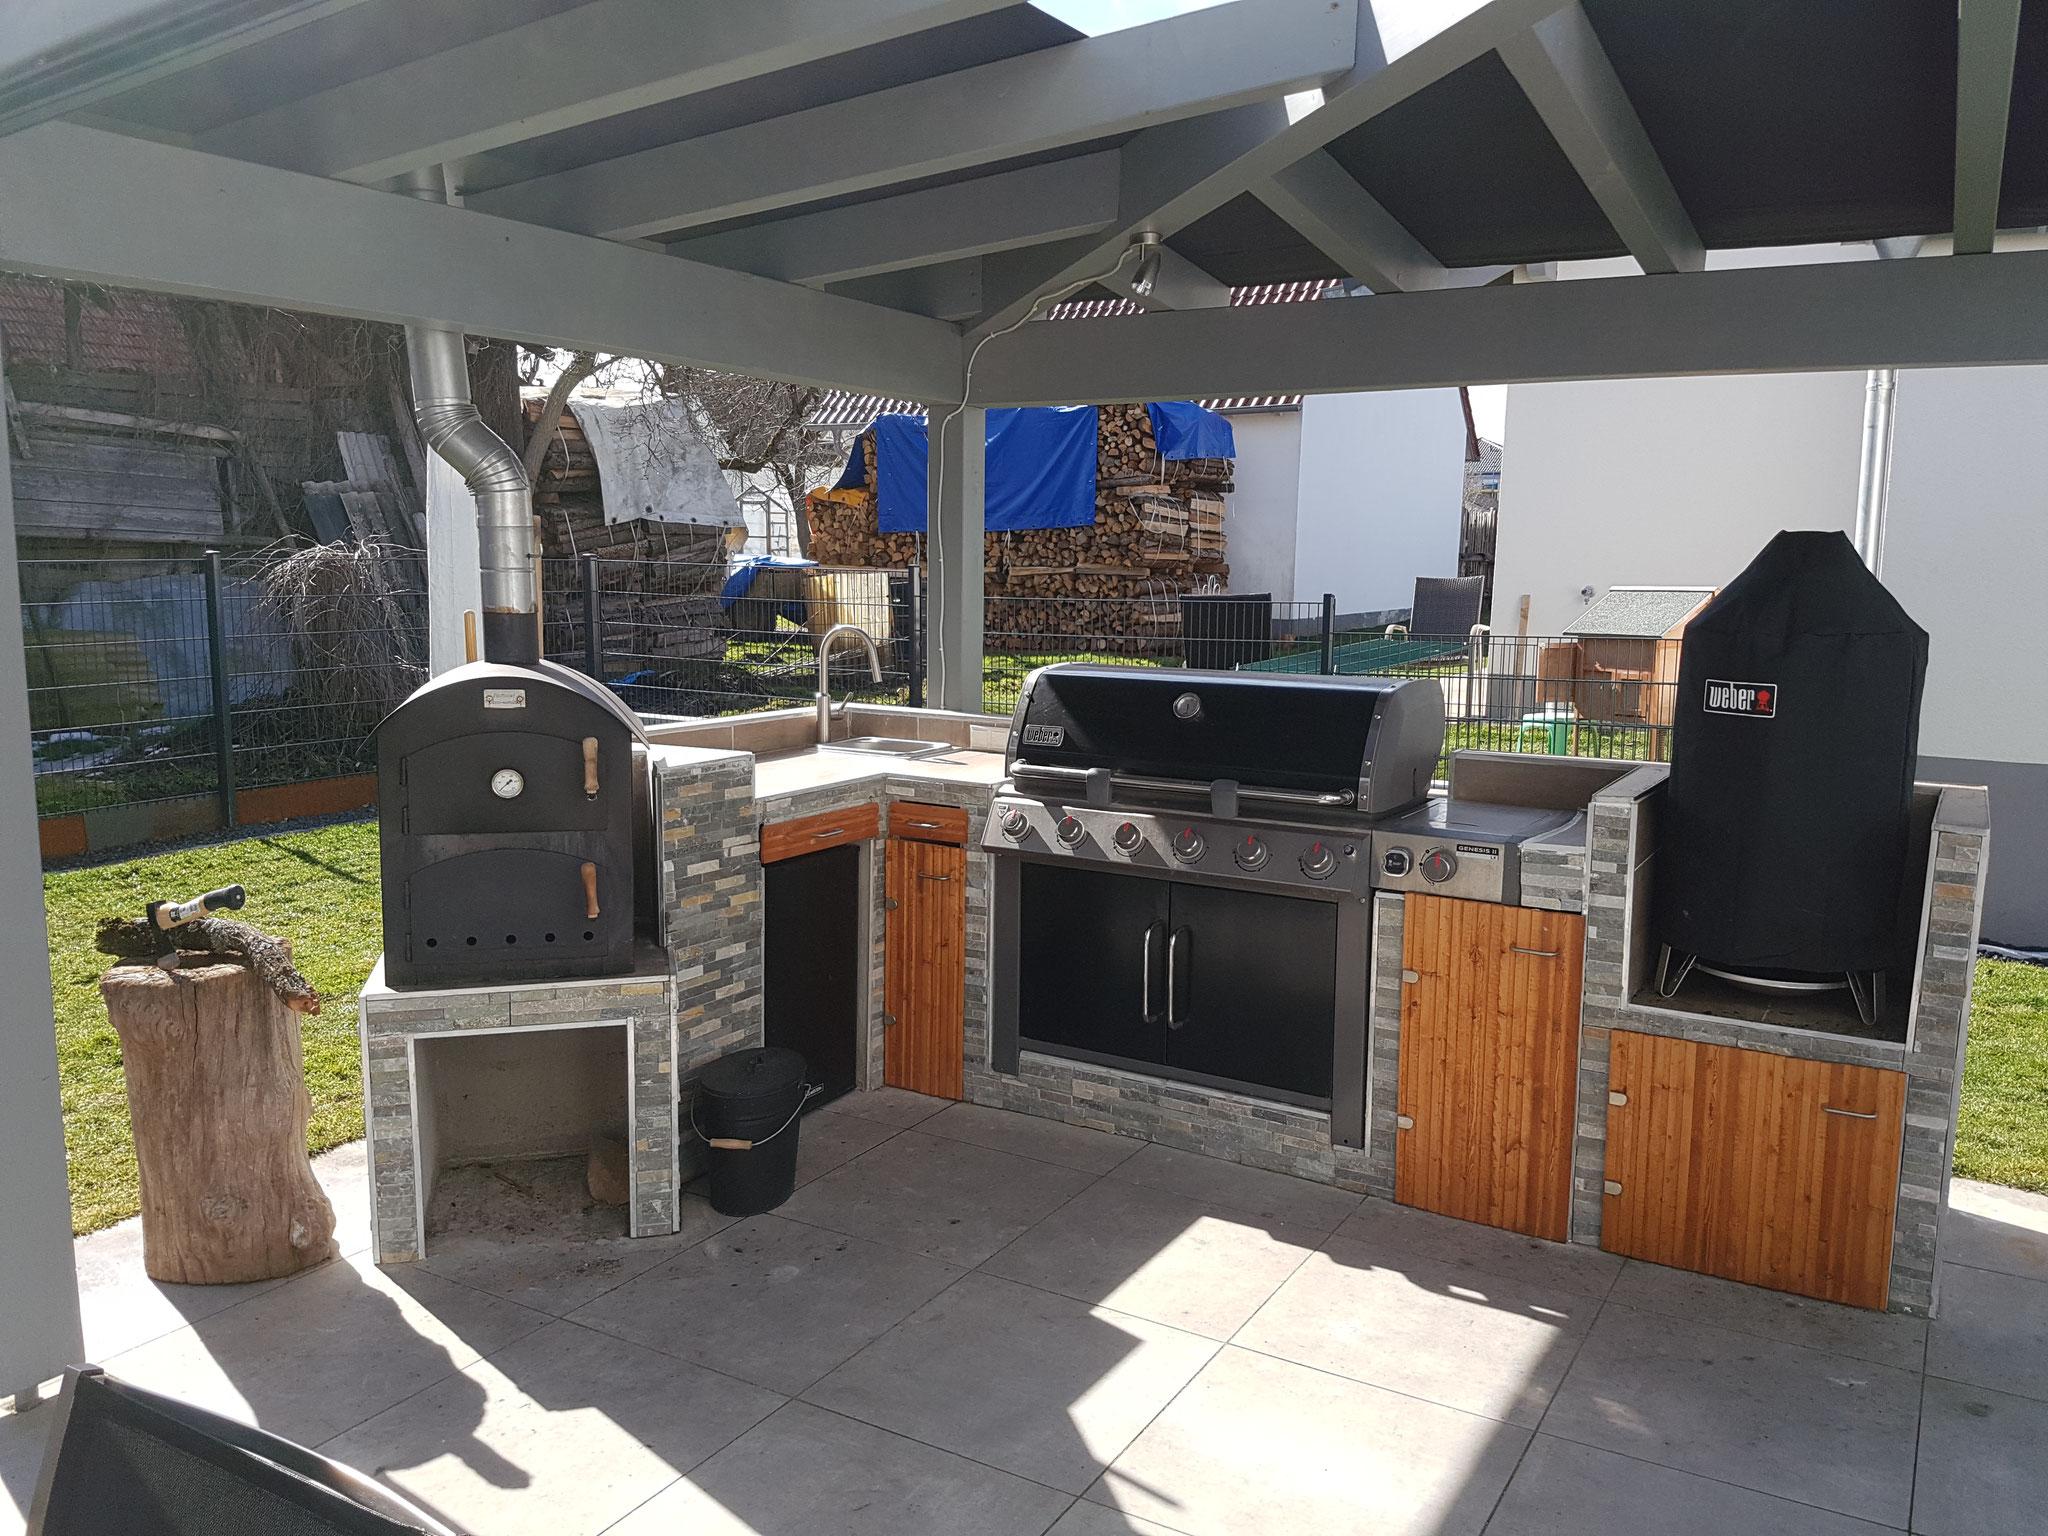 Outdoorküche Zubehör Preis : Die outdoor küche kosten bauweise rezepte outdoorküche